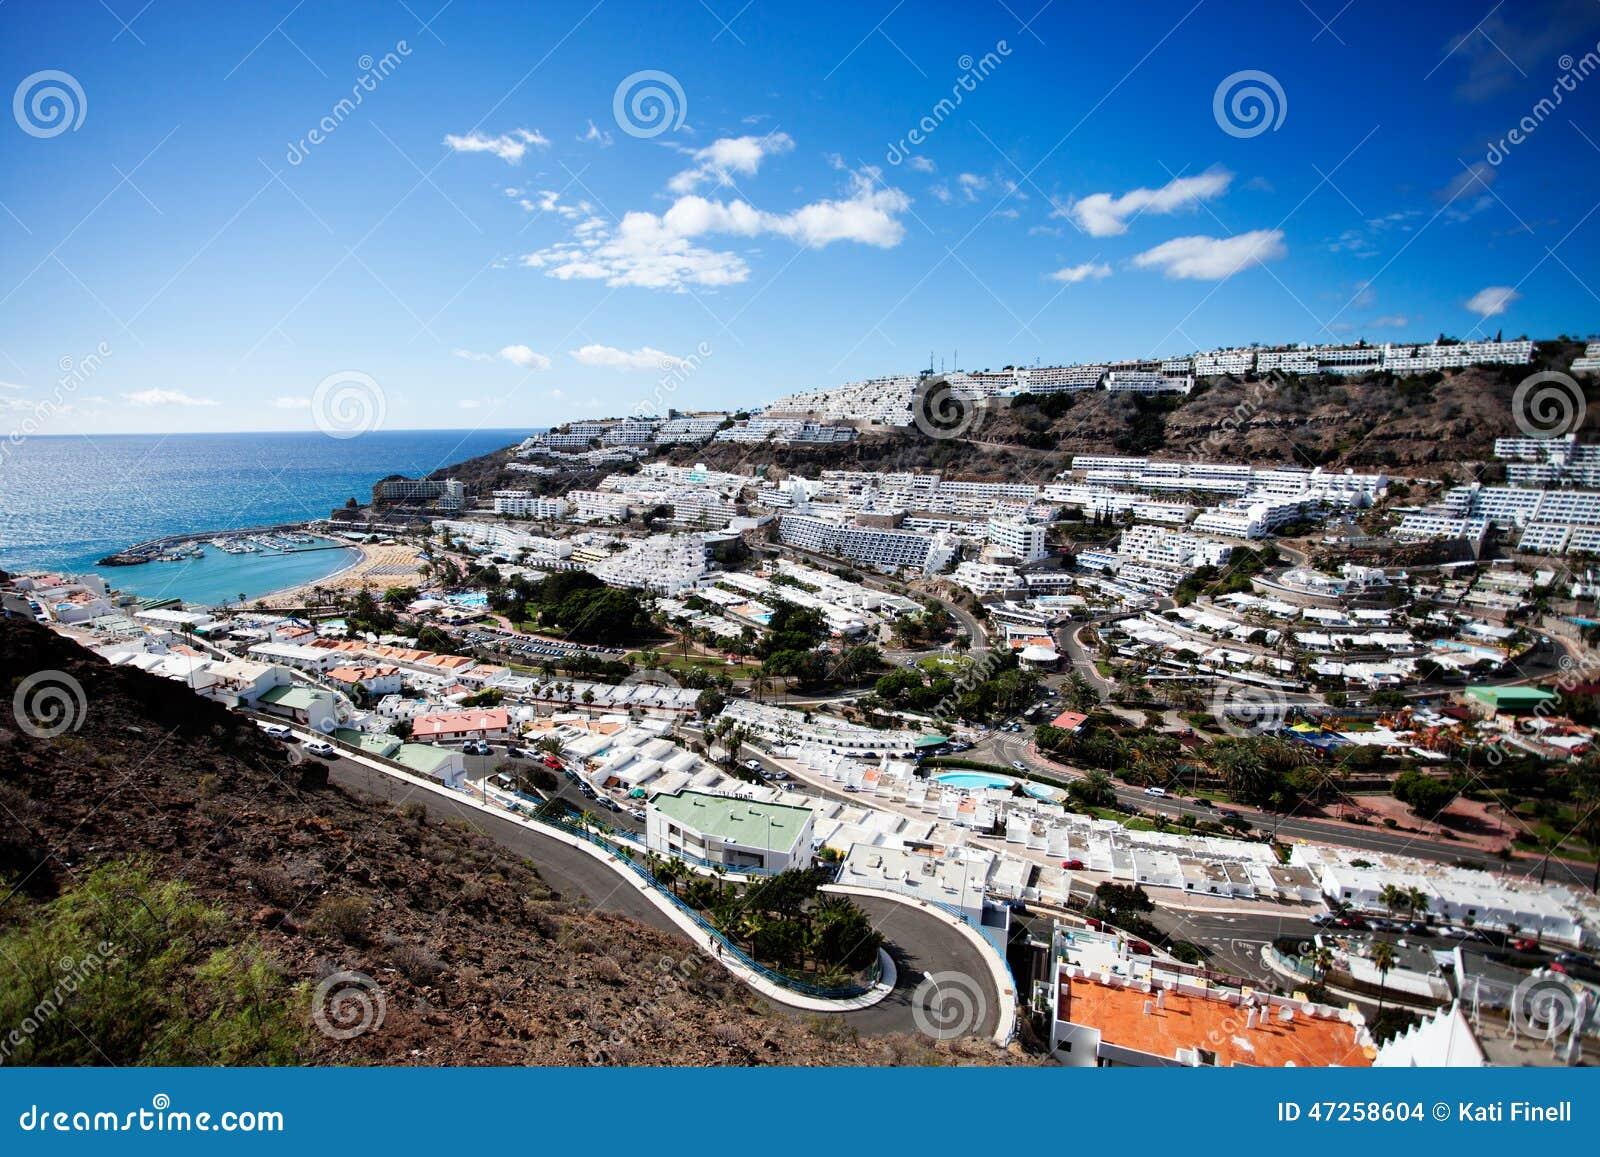 puerto rico spanien arkivfoto bild av kanarief gel kust 47258604. Black Bedroom Furniture Sets. Home Design Ideas